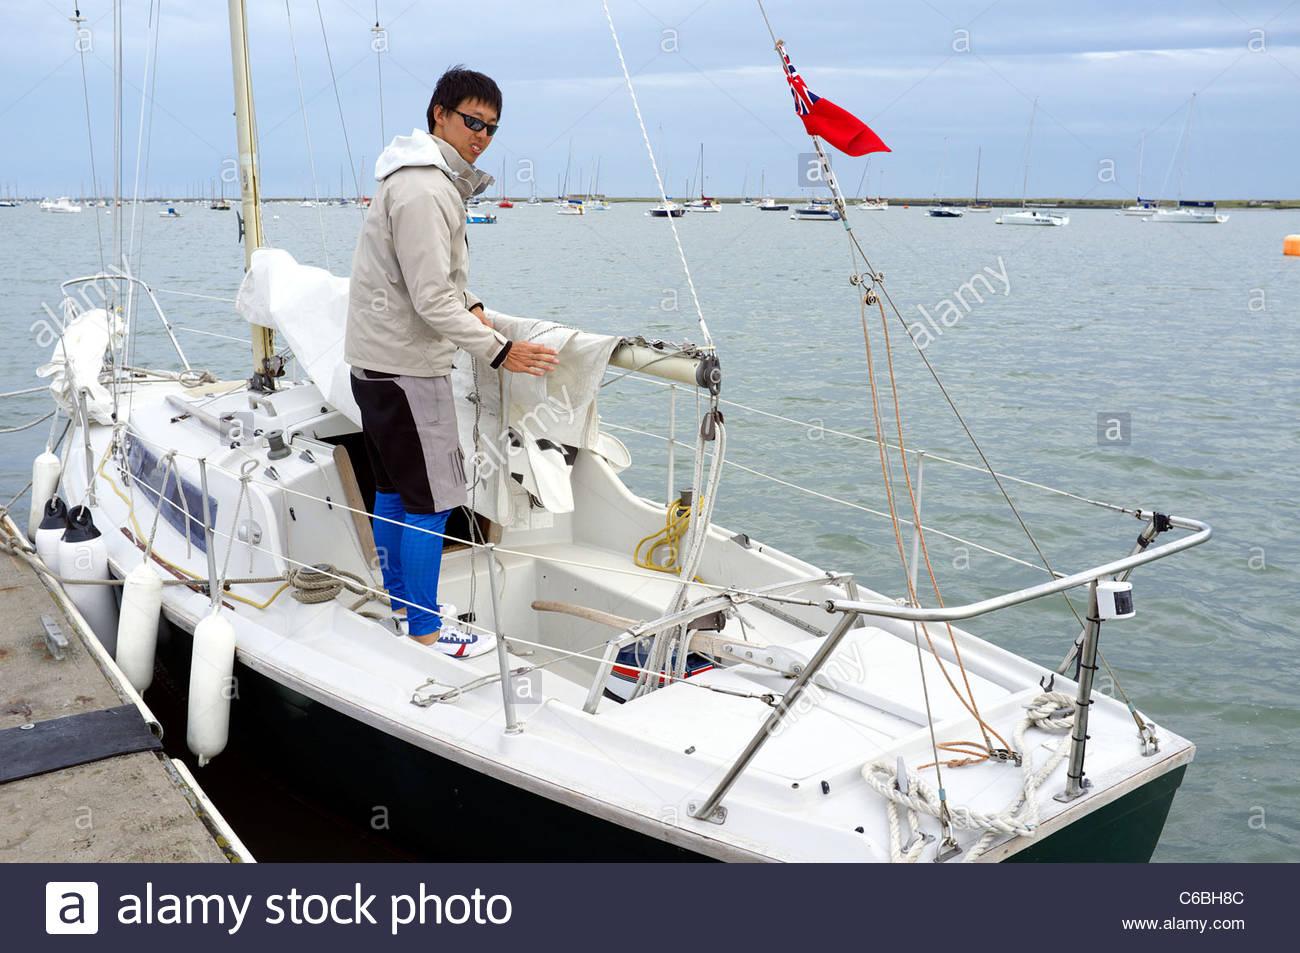 Un capitán de yate en su barco en Burnham-on-Crouch, Essex, Reino Unido. Imagen De Stock